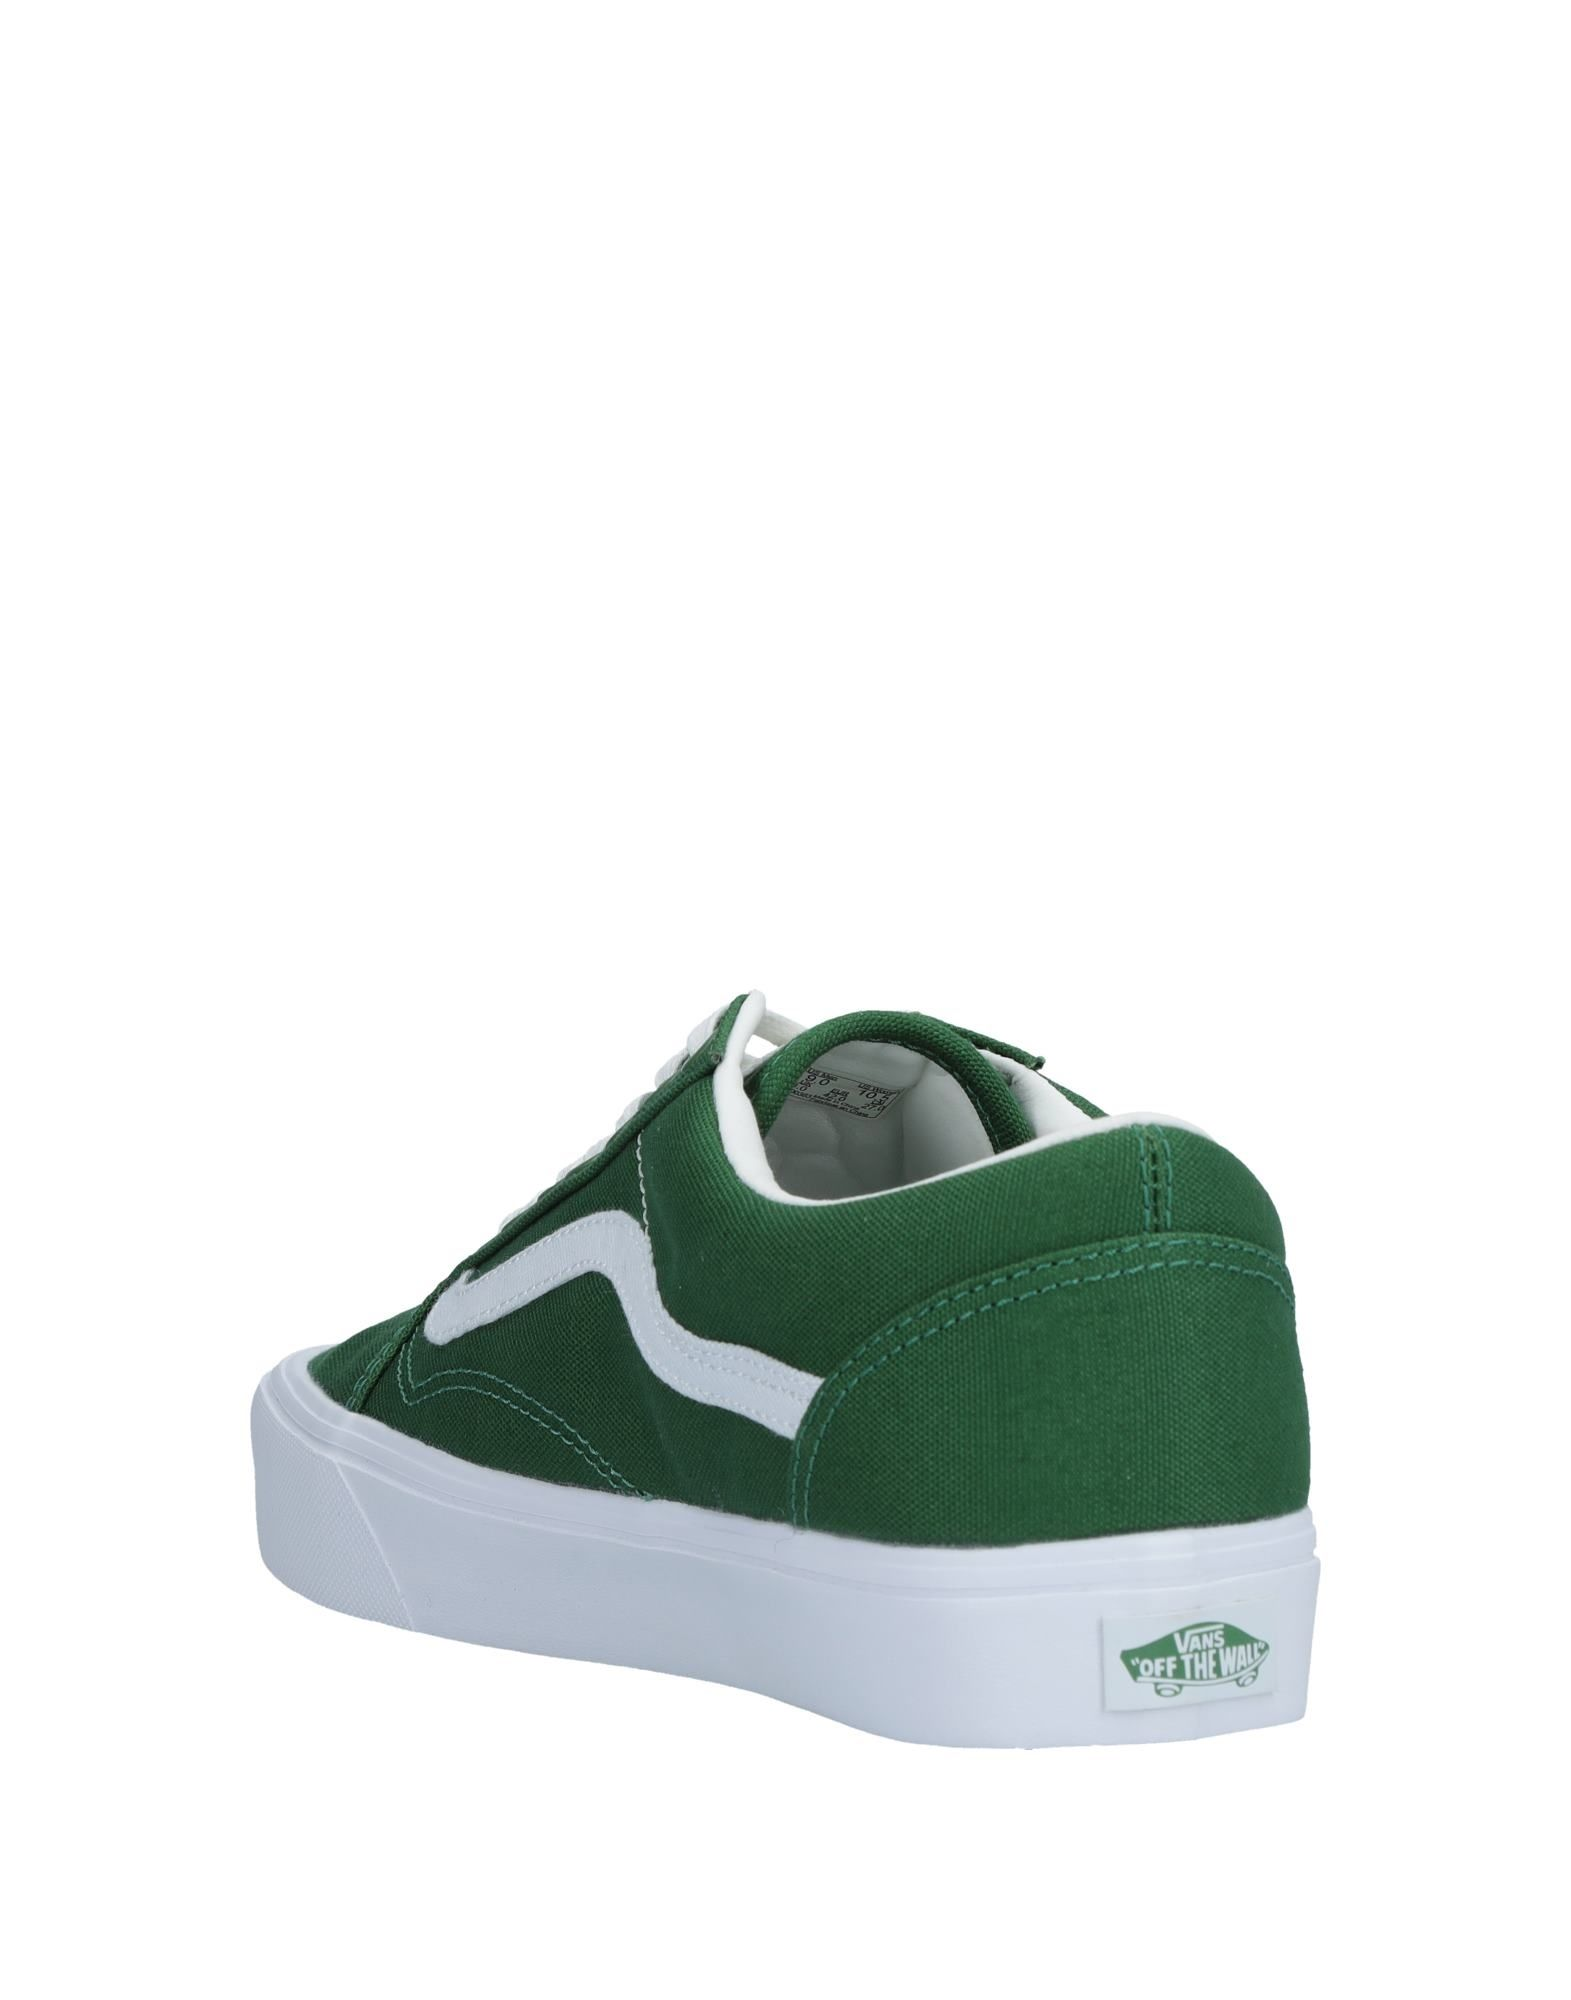 Rabatt echte  Schuhe Vans Sneakers Herren  echte 11524163SF 0092f9